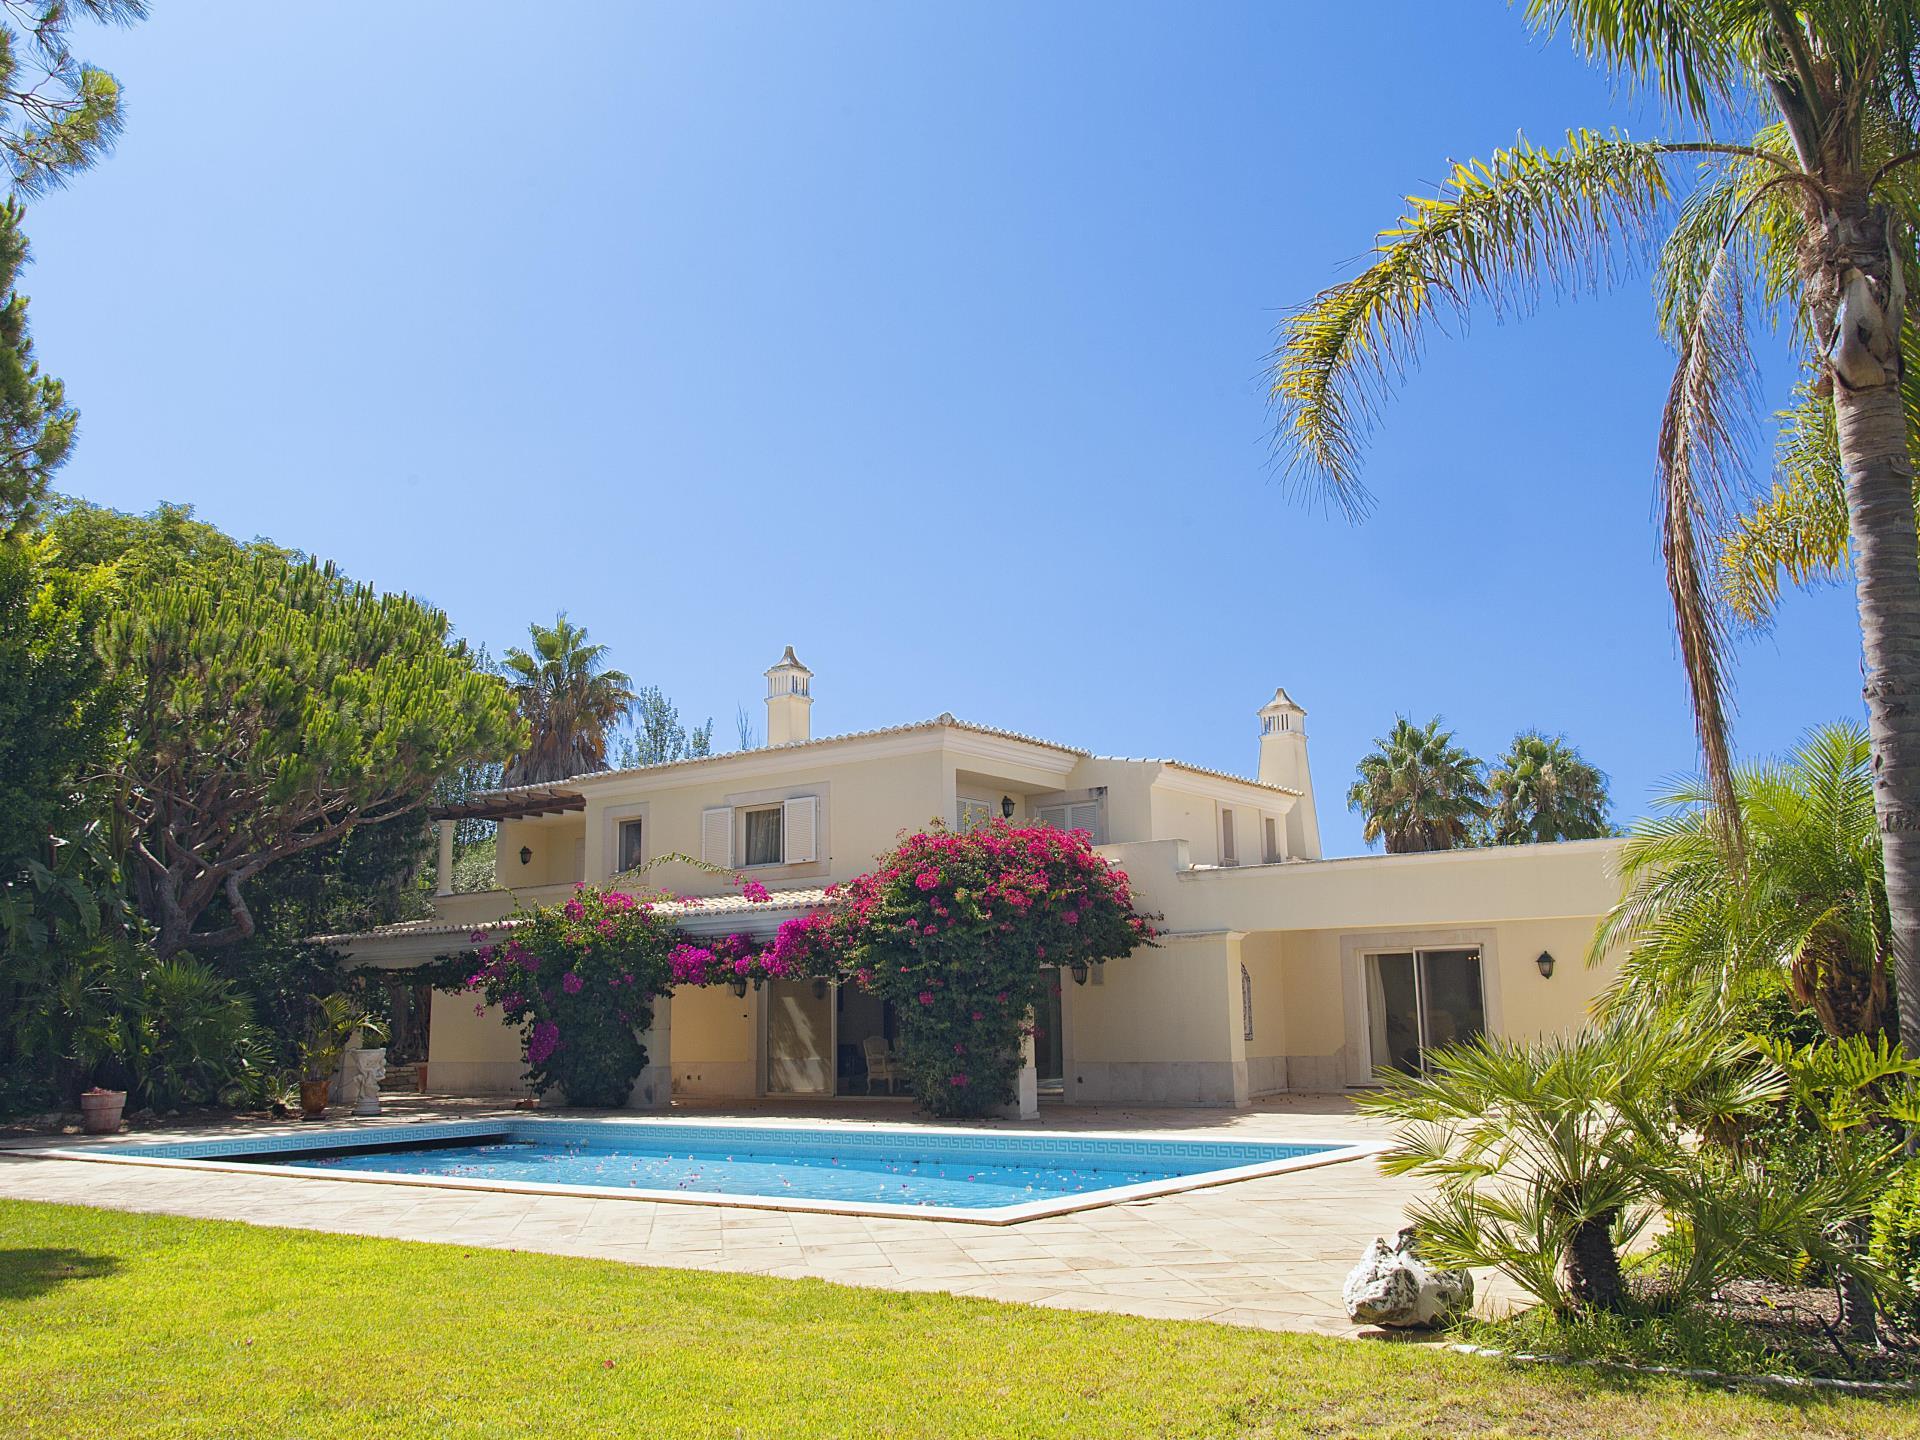 단독 가정 주택 용 매매 에 Detached house, 6 bedrooms, for Sale Loule, Algarve 포르투갈